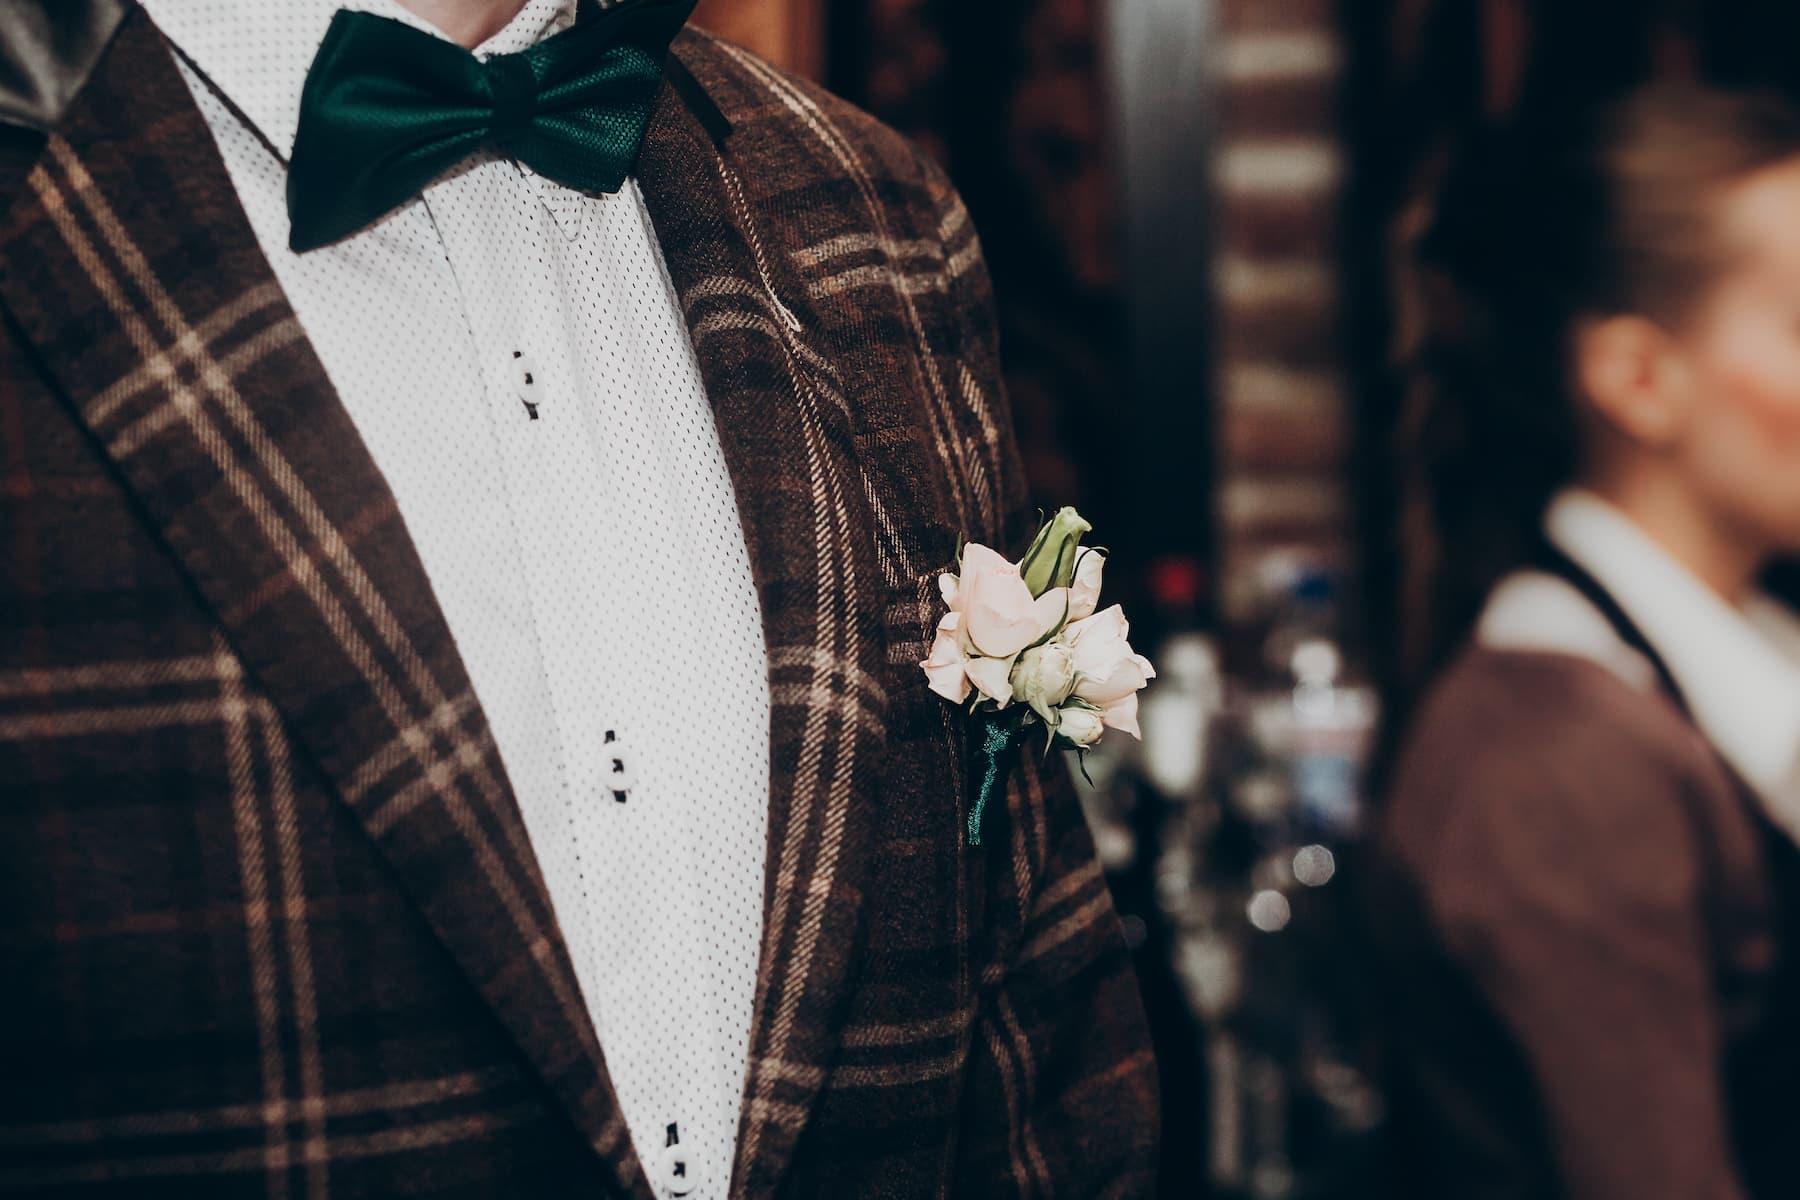 tweedowy garnitur